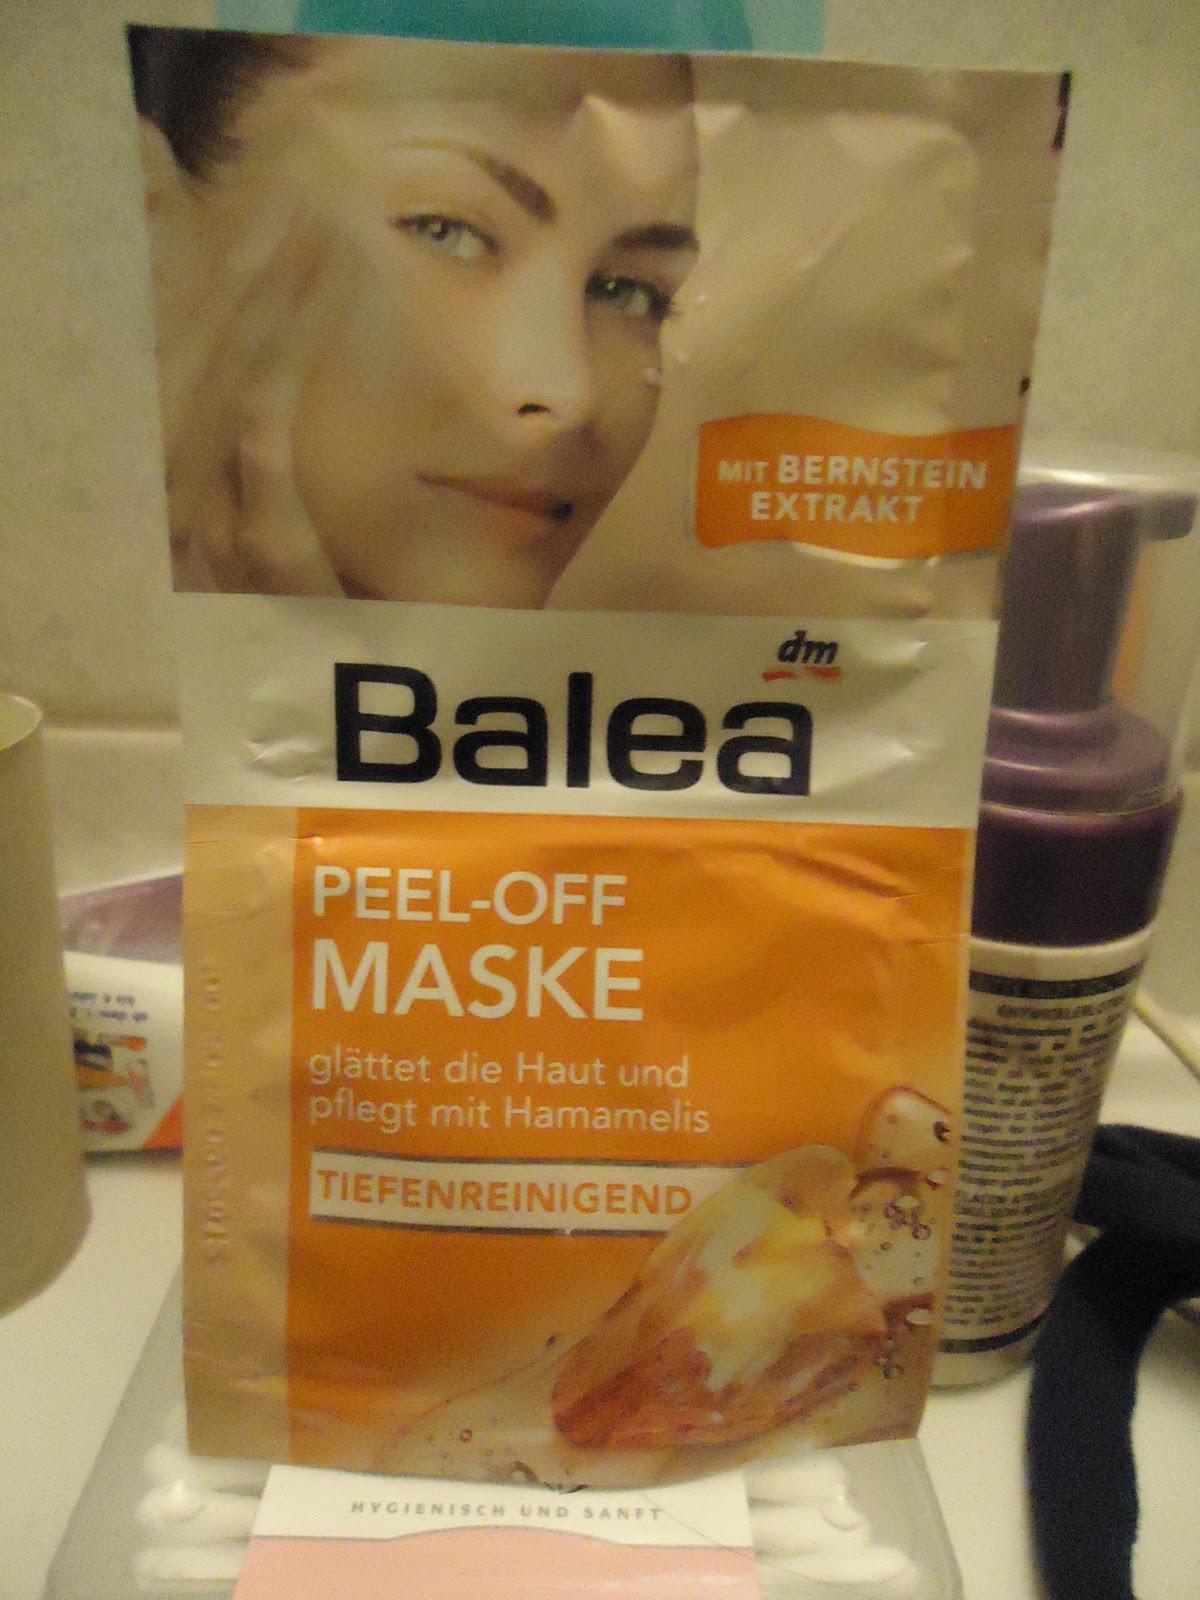 Die Masken für die Gesichtshaut für die matte Haut